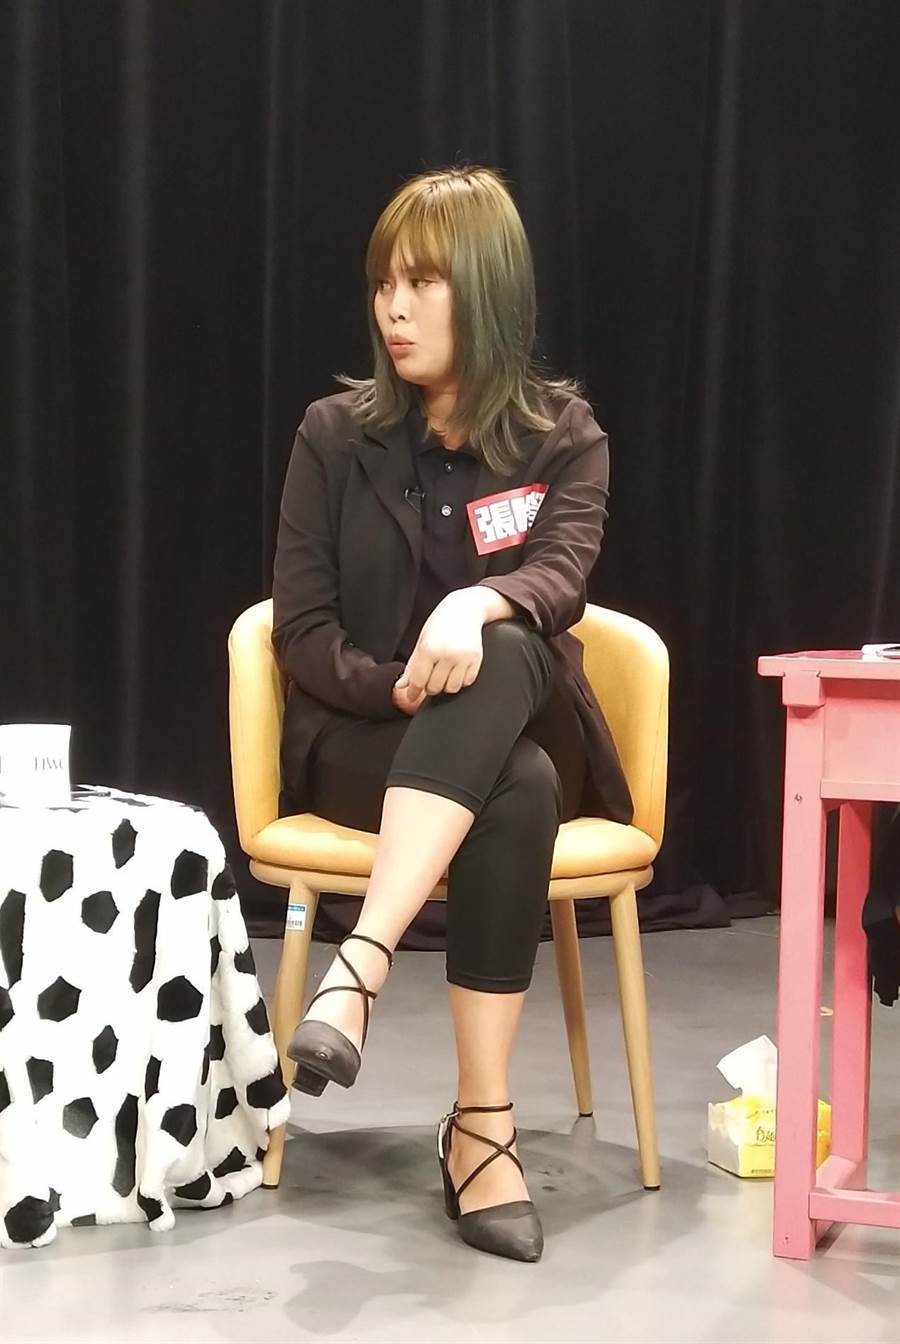 張吟瑩說「責任」就是她的動力來源。